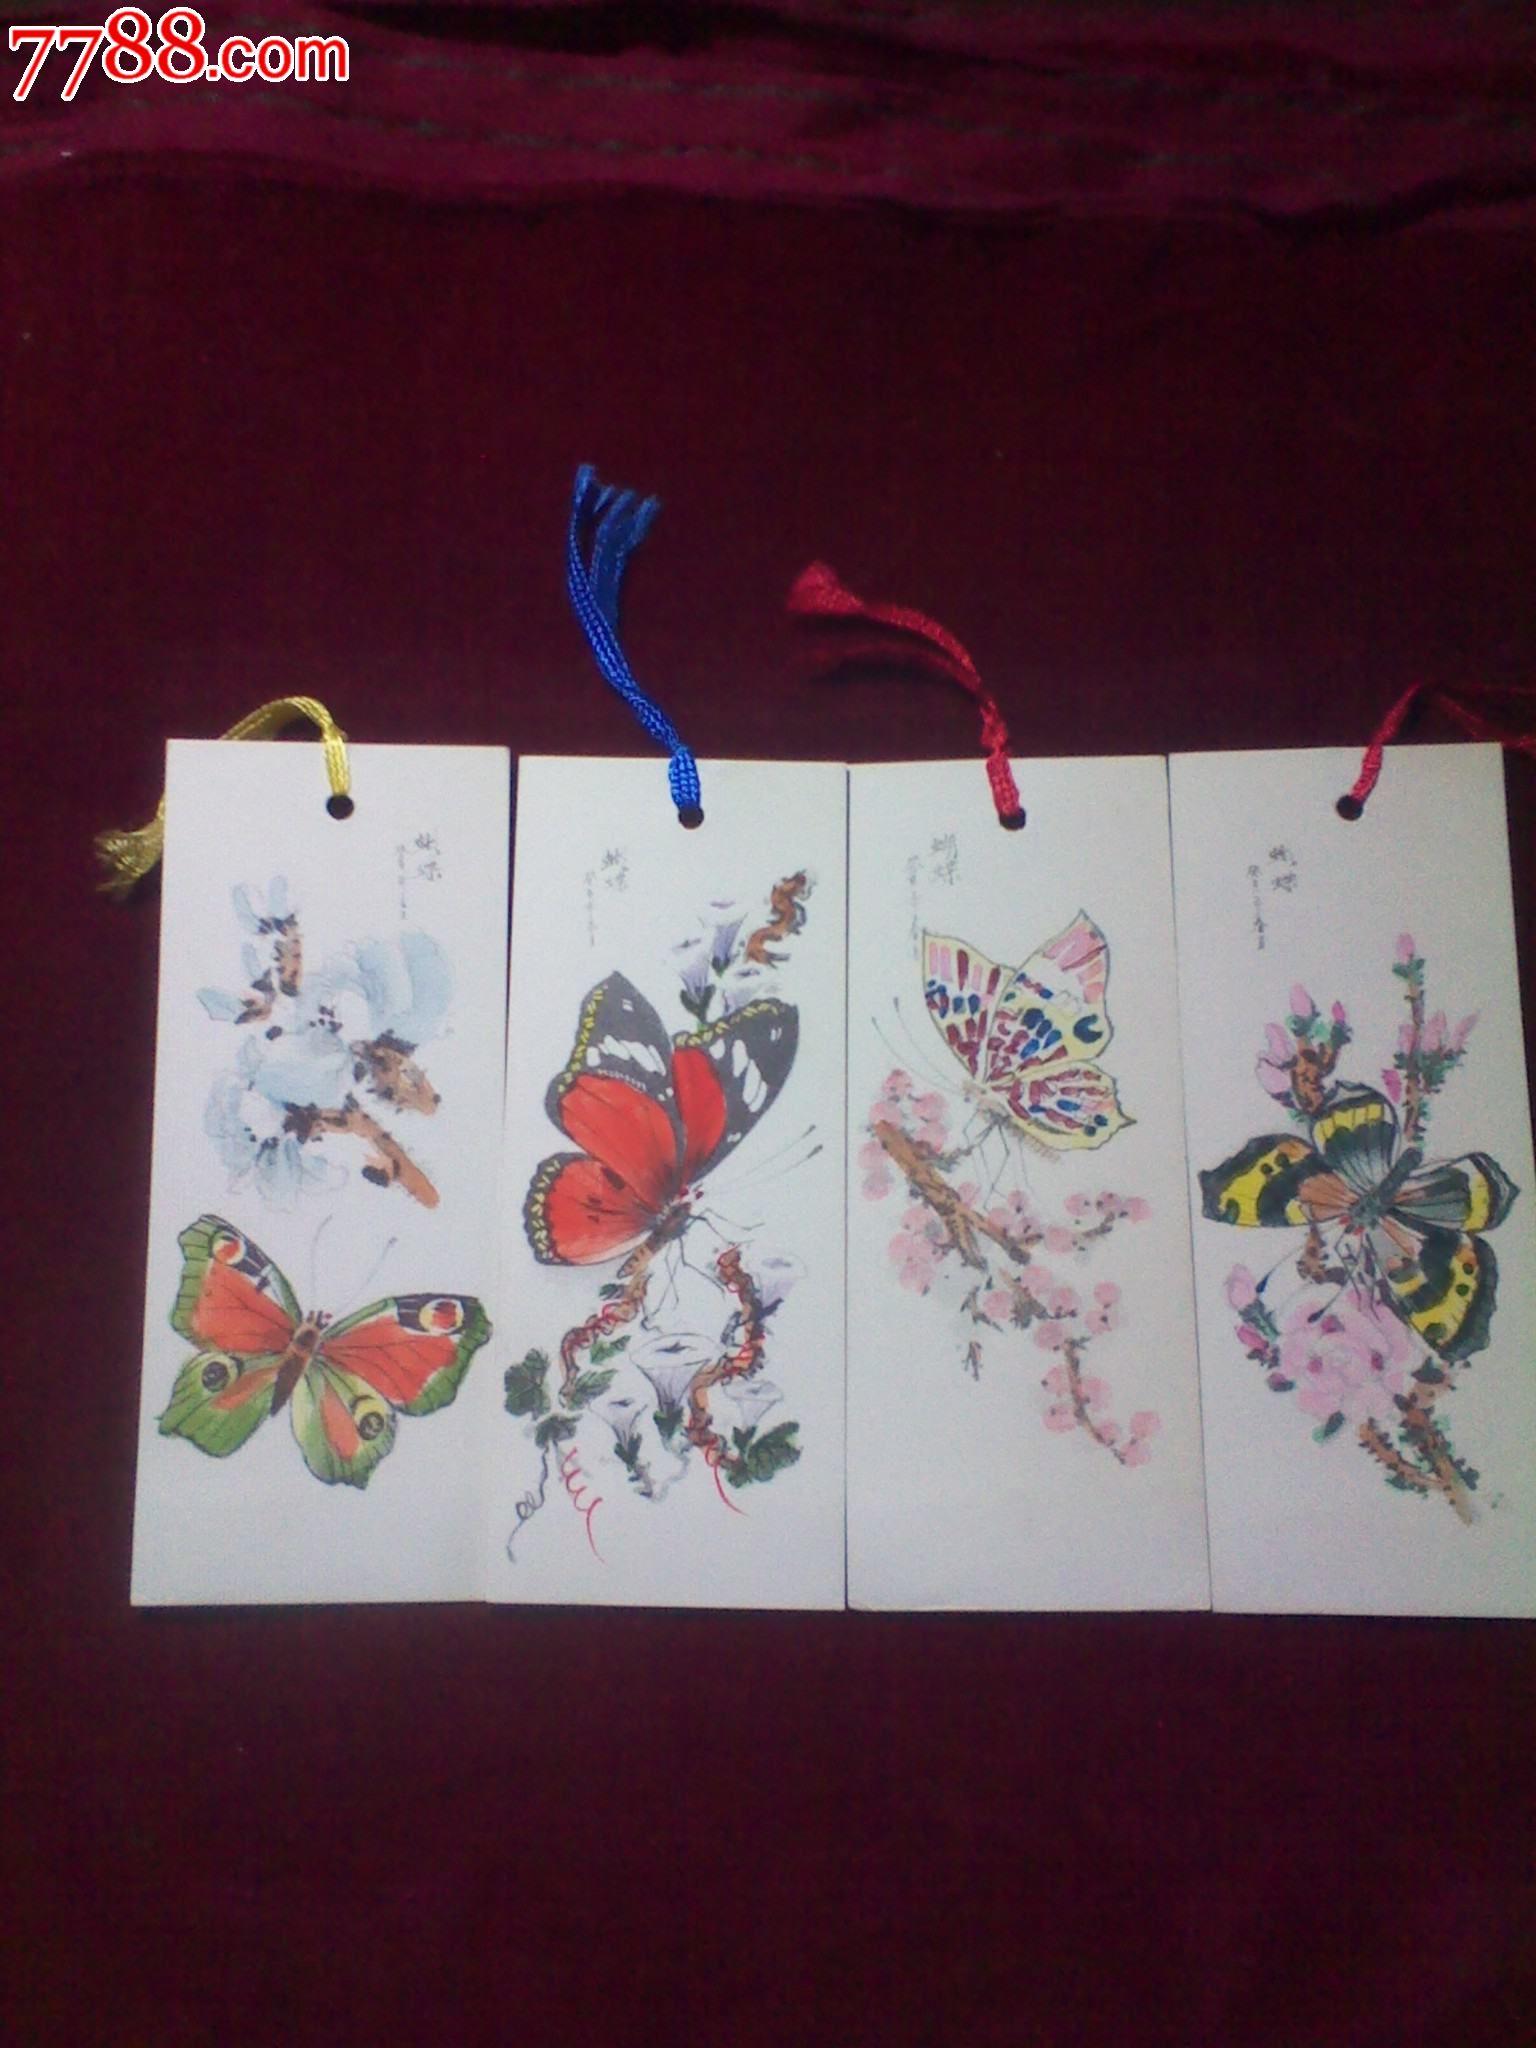 动物,80-89年,平面书签,湖北,硬纸,长方形,套件 简介: 80年代制作